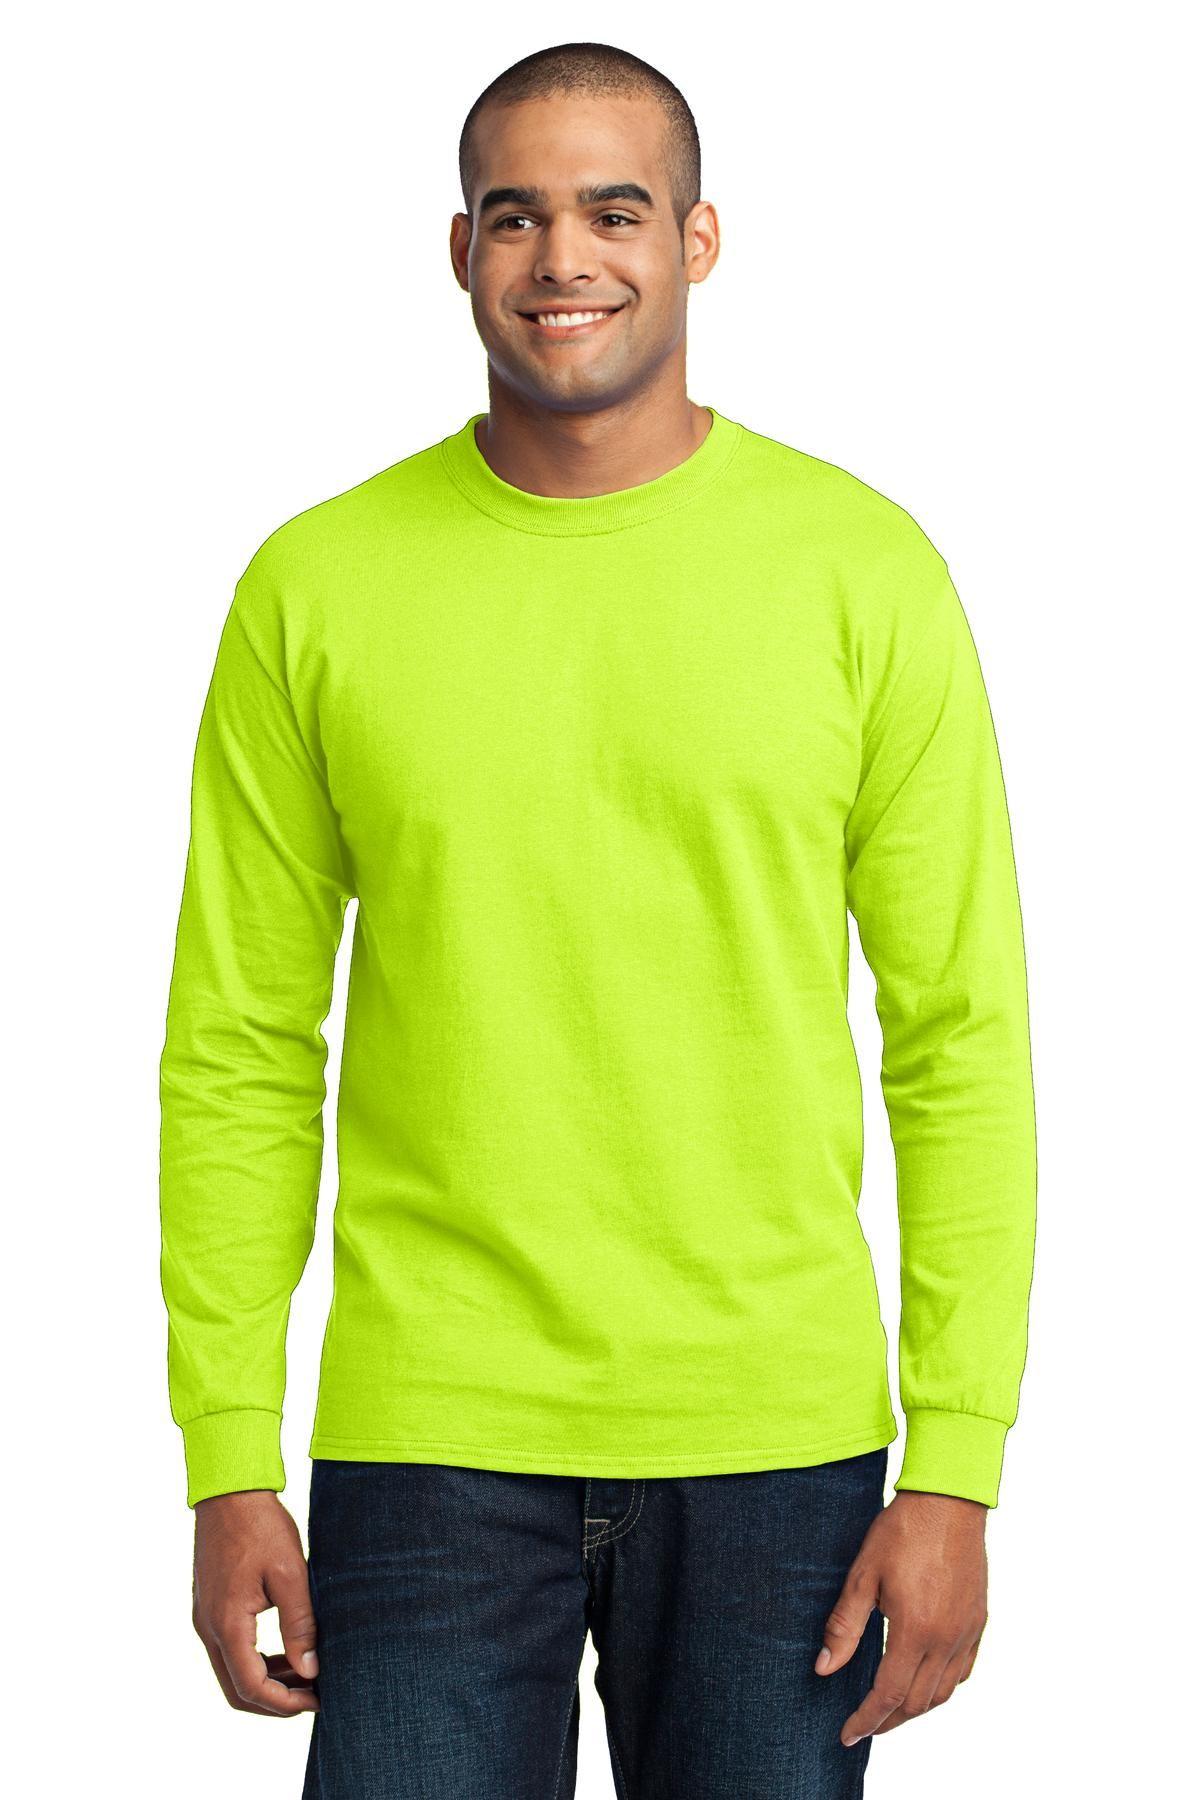 Sanmar Wholesale Imprintable Apparel Accessories American Tees Long Sleeve Tshirt Men Long Sleeve